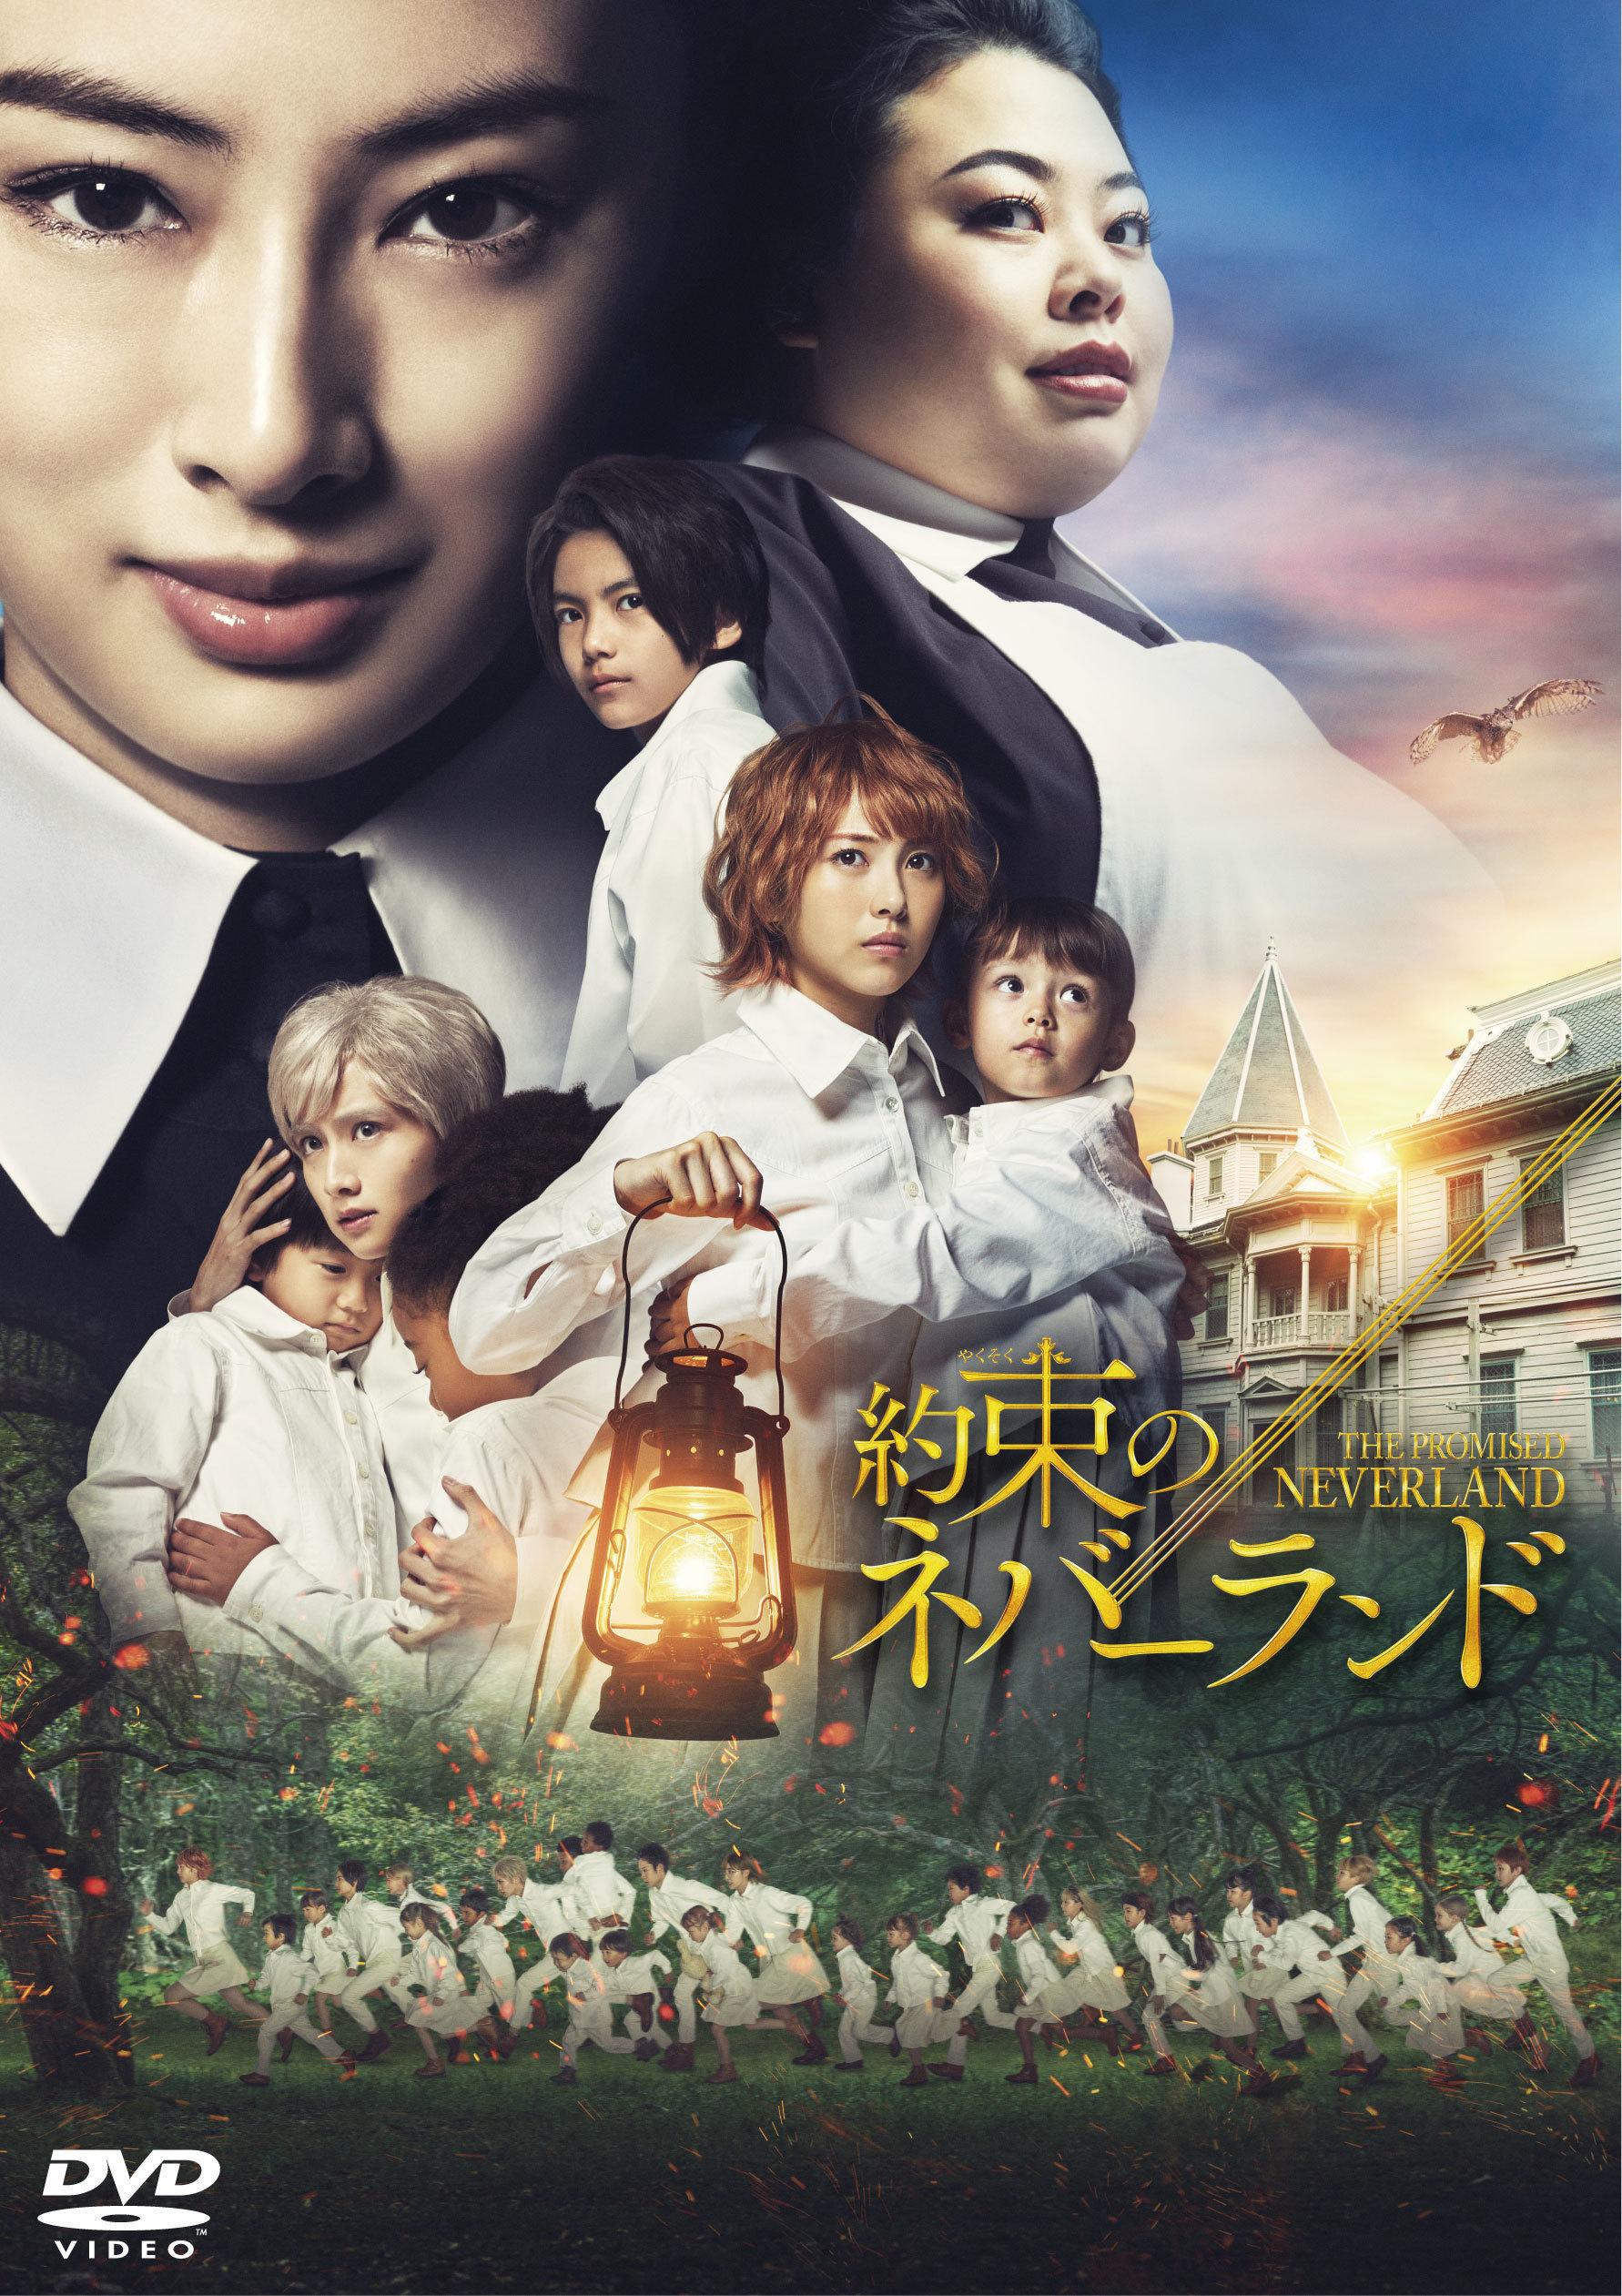 「約束のネバーランド」 DVD スペシャル・エディション(※山時聡真生写真付き)